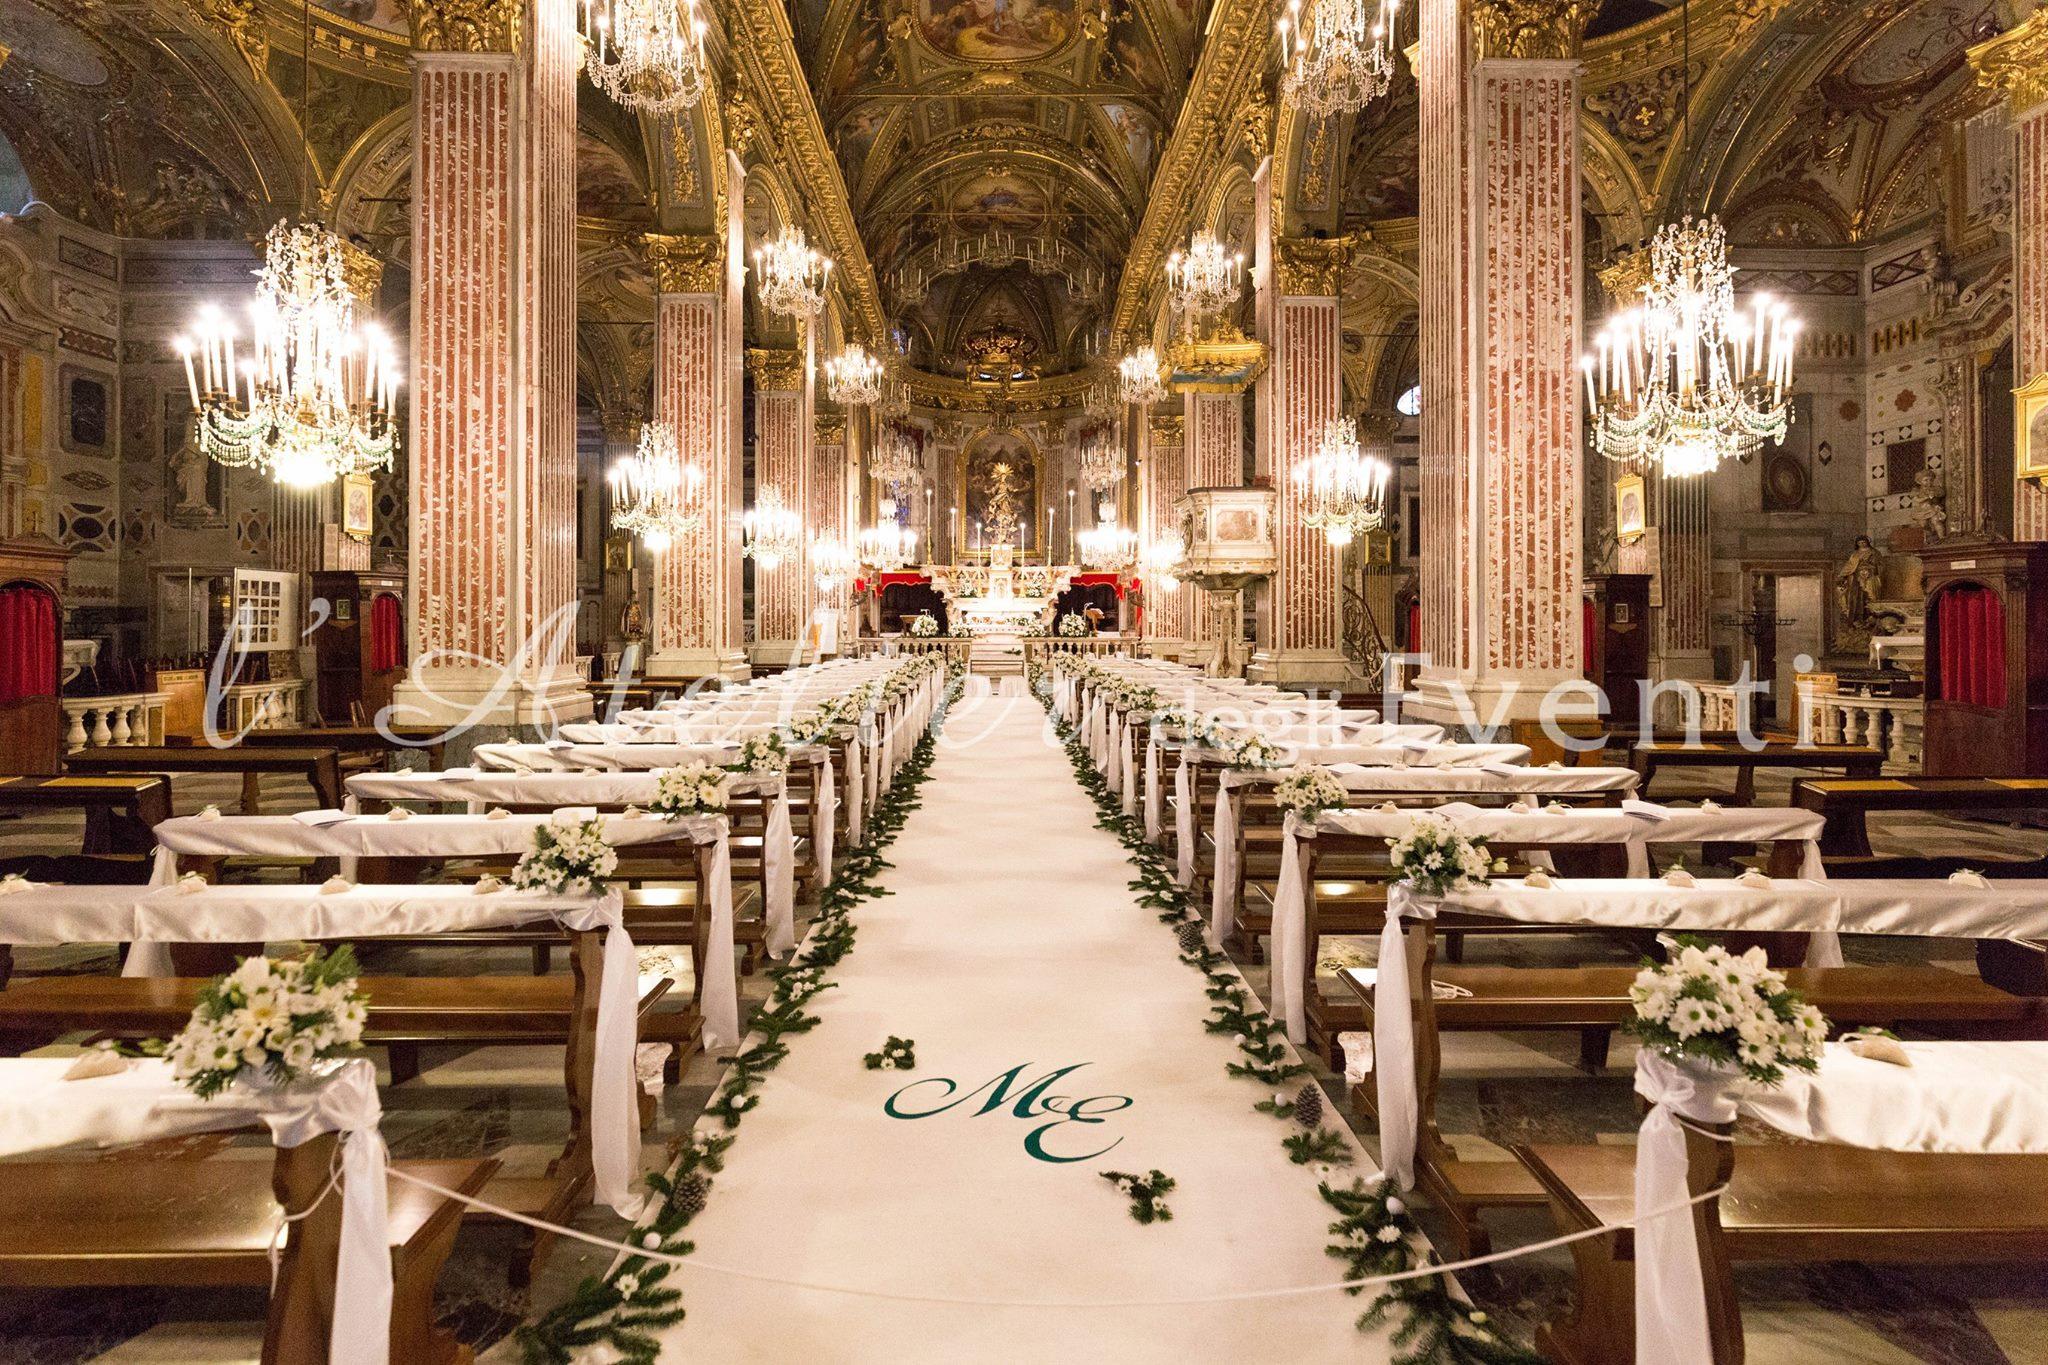 01_sposarsi_in_liguria_matrimonio_genova_cerimonia_chiesa_passatoia_fiori